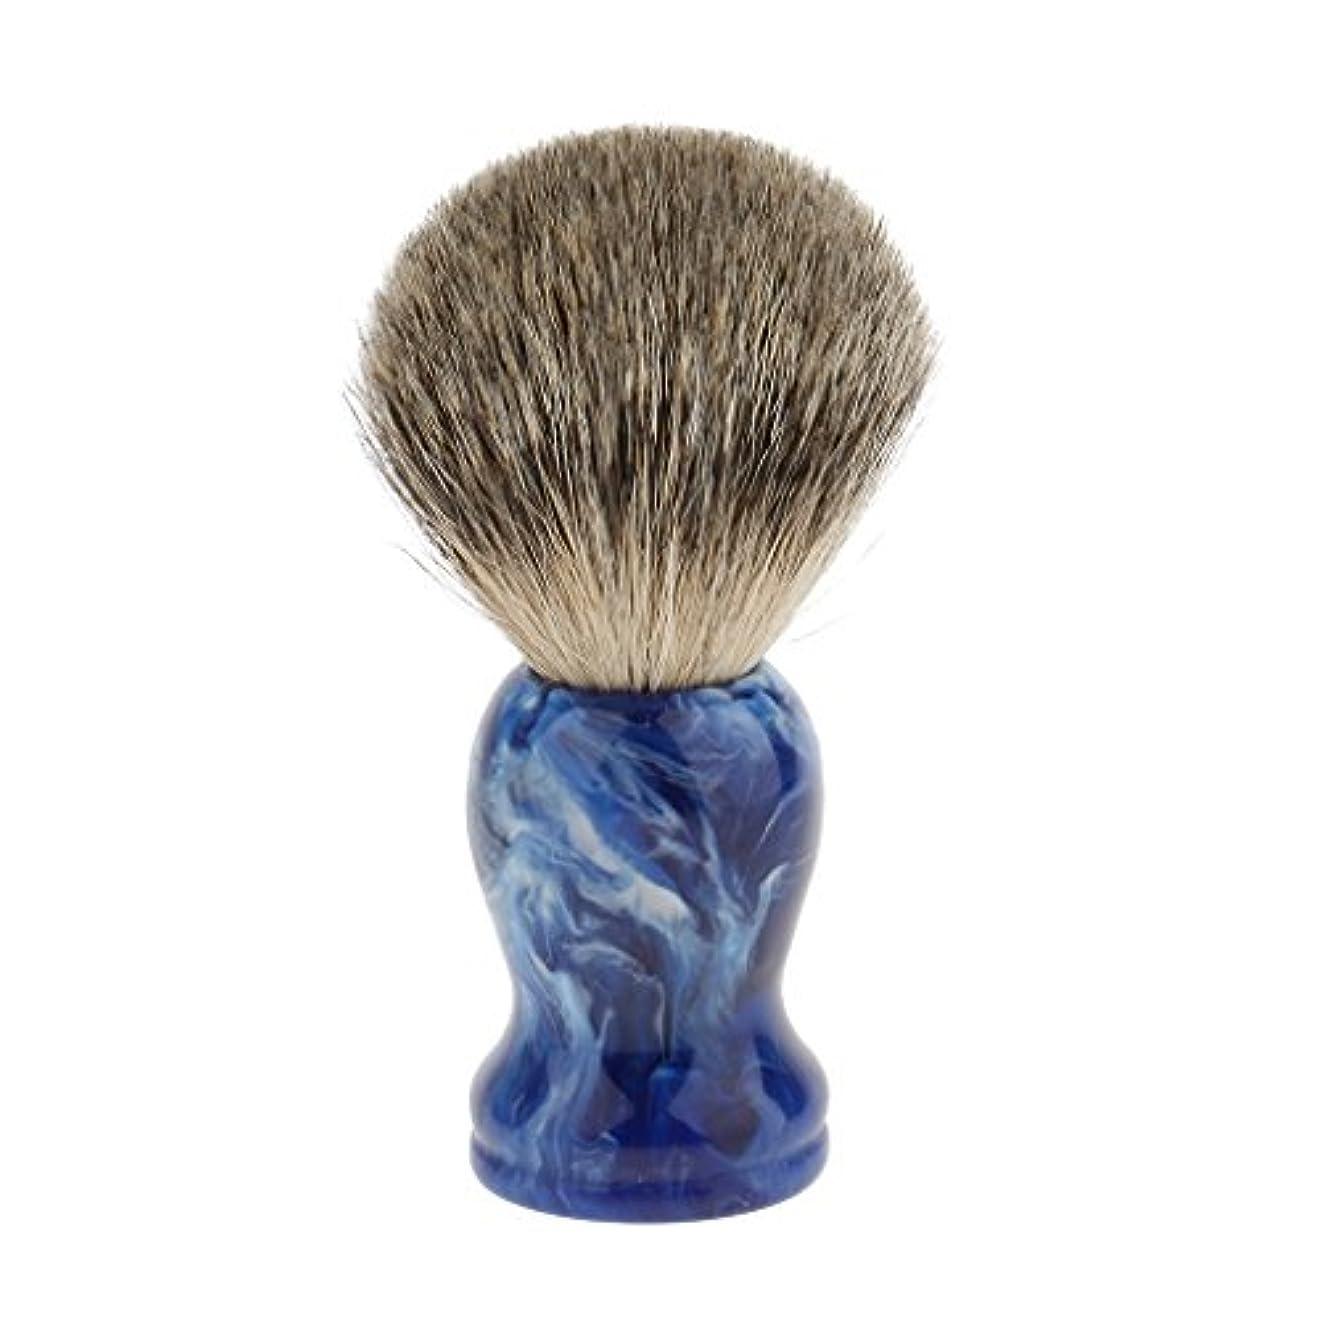 サーカス水差し感動するシェービングブラシ ひげブラシ 理容 洗顔 髭剃り 泡立ち 樹脂ハンドル 高密度 ブラシヘッド